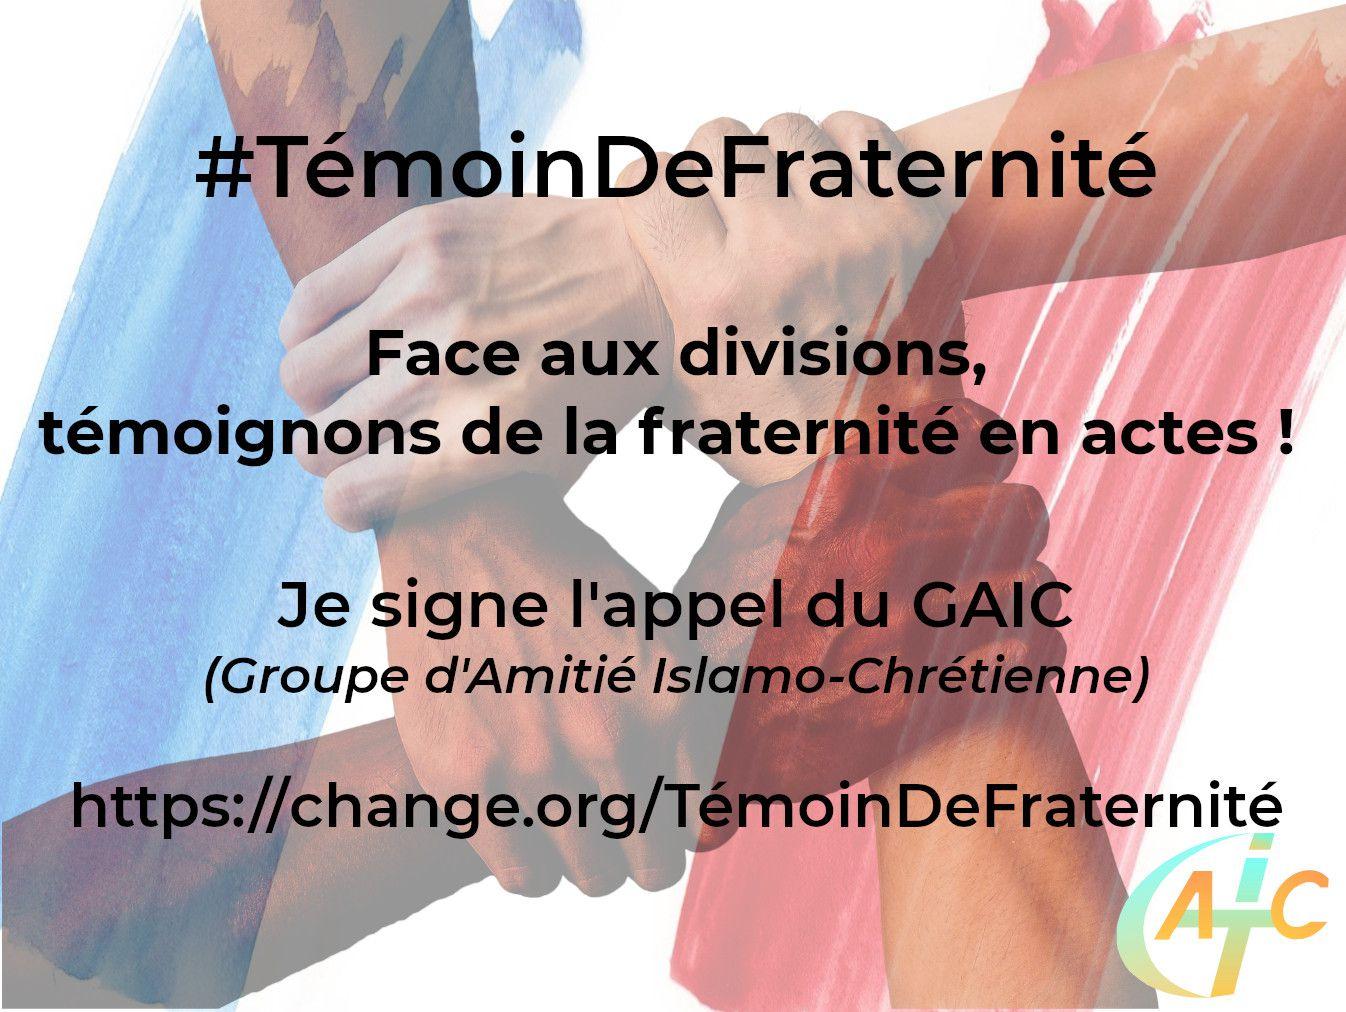 """Signer notre appel """"Témoin de fraternité"""" sur www.change.org/TémoinDeFraternité (nouveau site depuis interruption de Wesign.it)"""